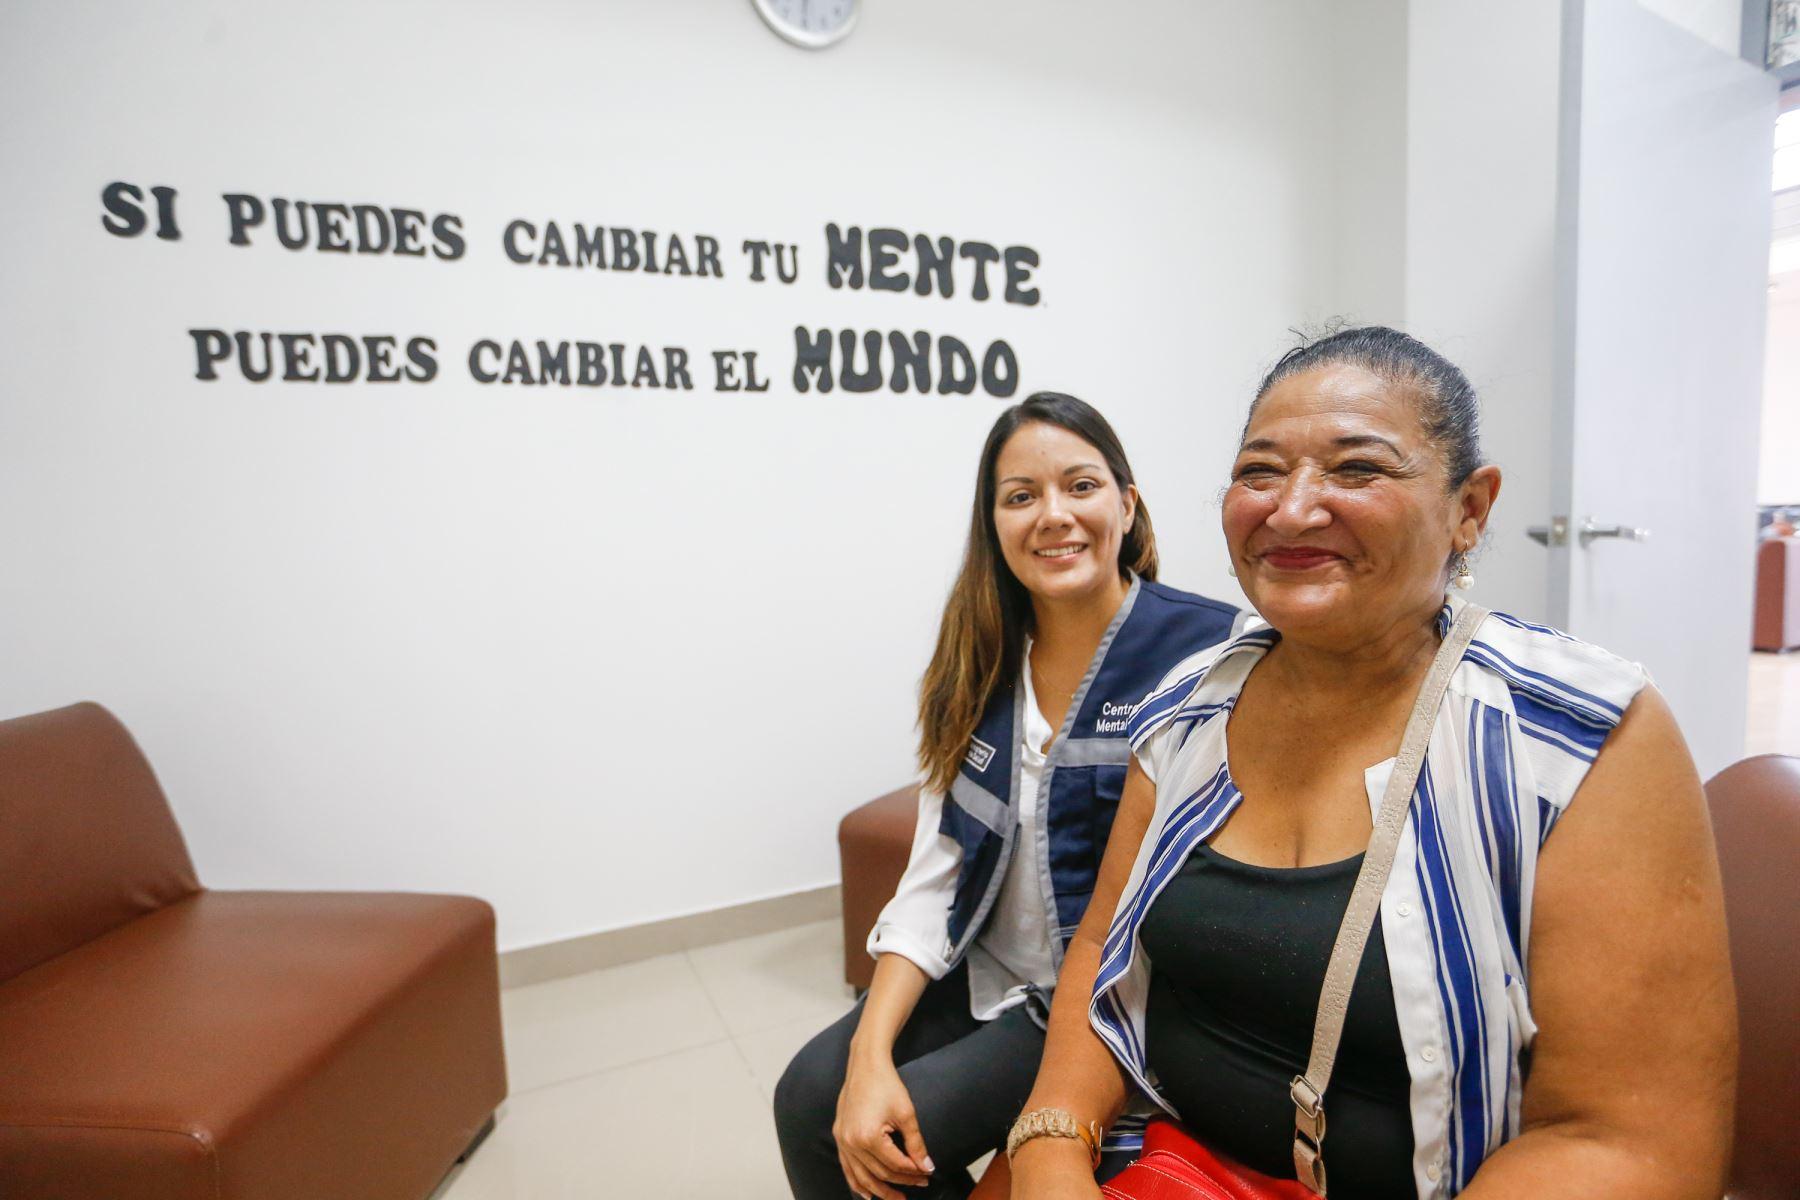 A la fecha se han abierto 155 Centros de Salud Mental Comunitarios (CSMC) en todo el país. Foto:ANDINA/ Minsa